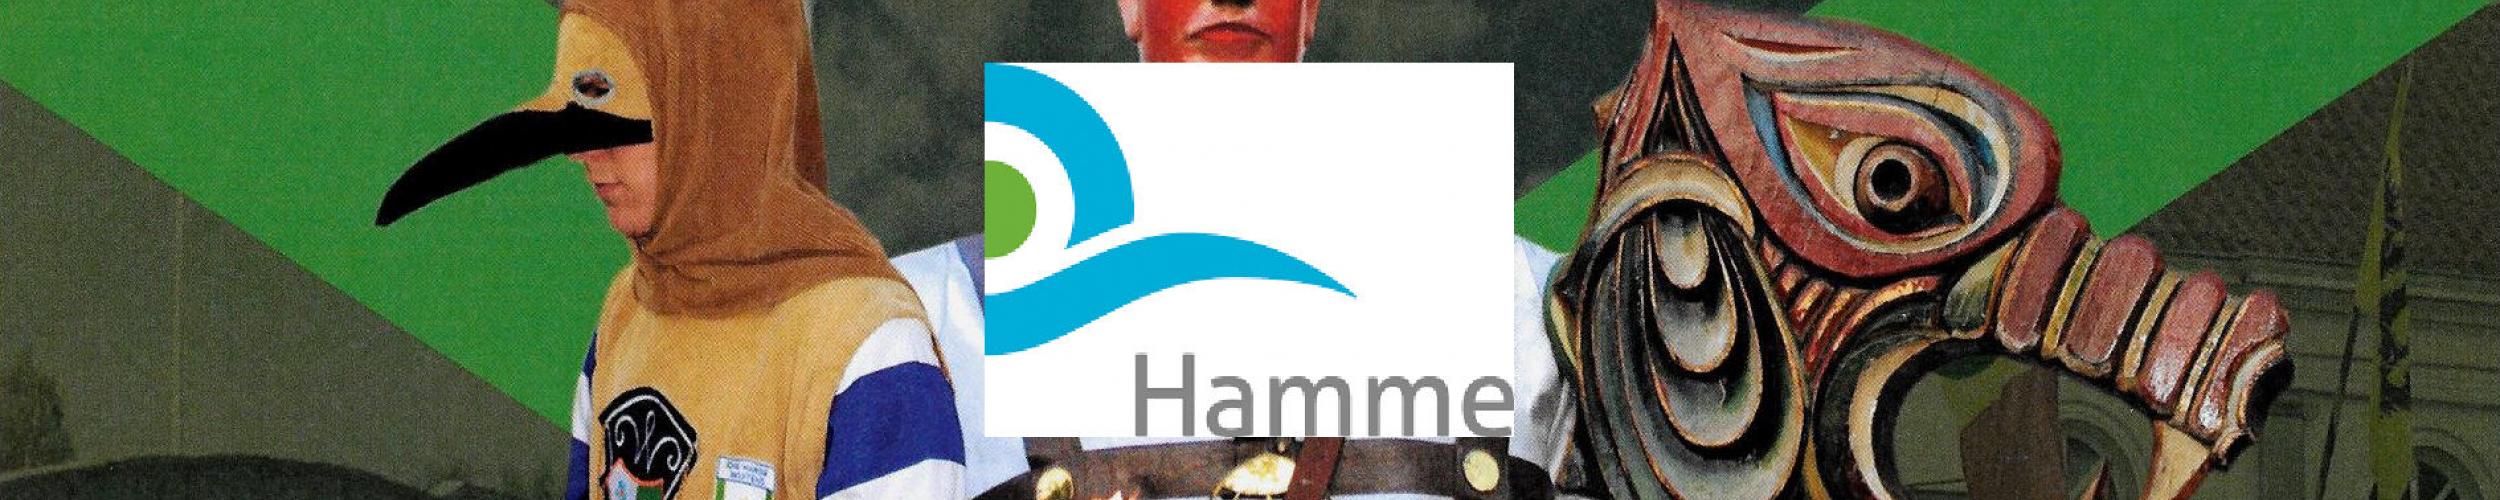 Gemeentebestuur Hamme